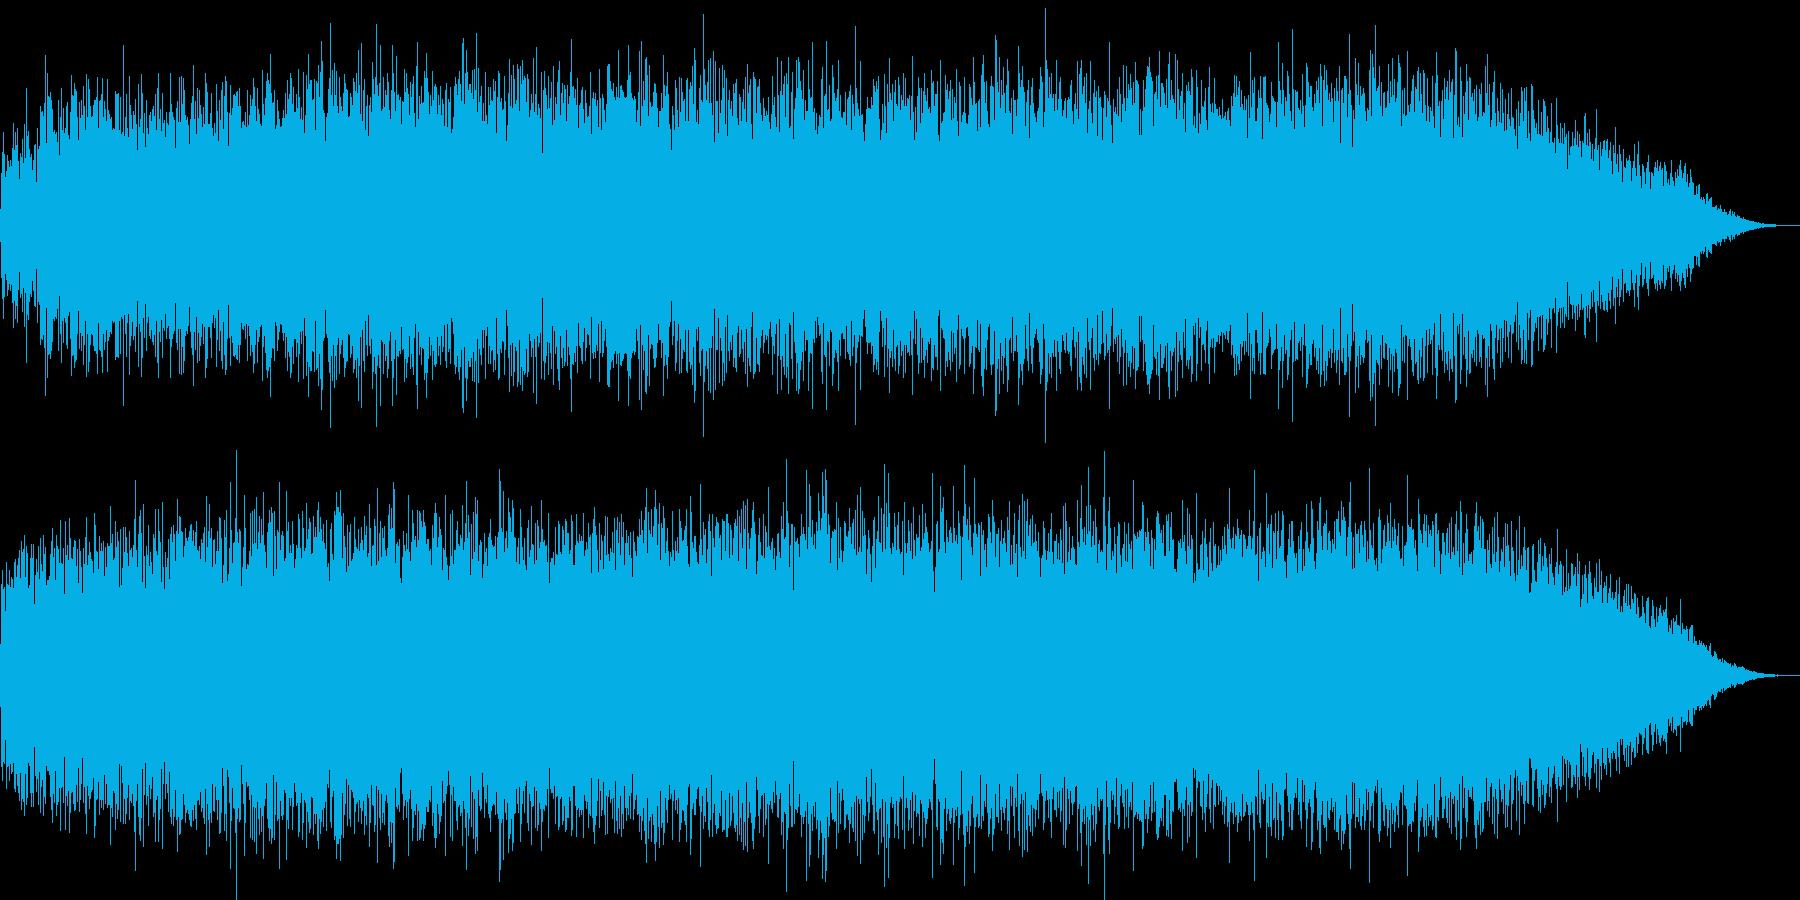 アンダーグラウンドイメージ環境音の再生済みの波形